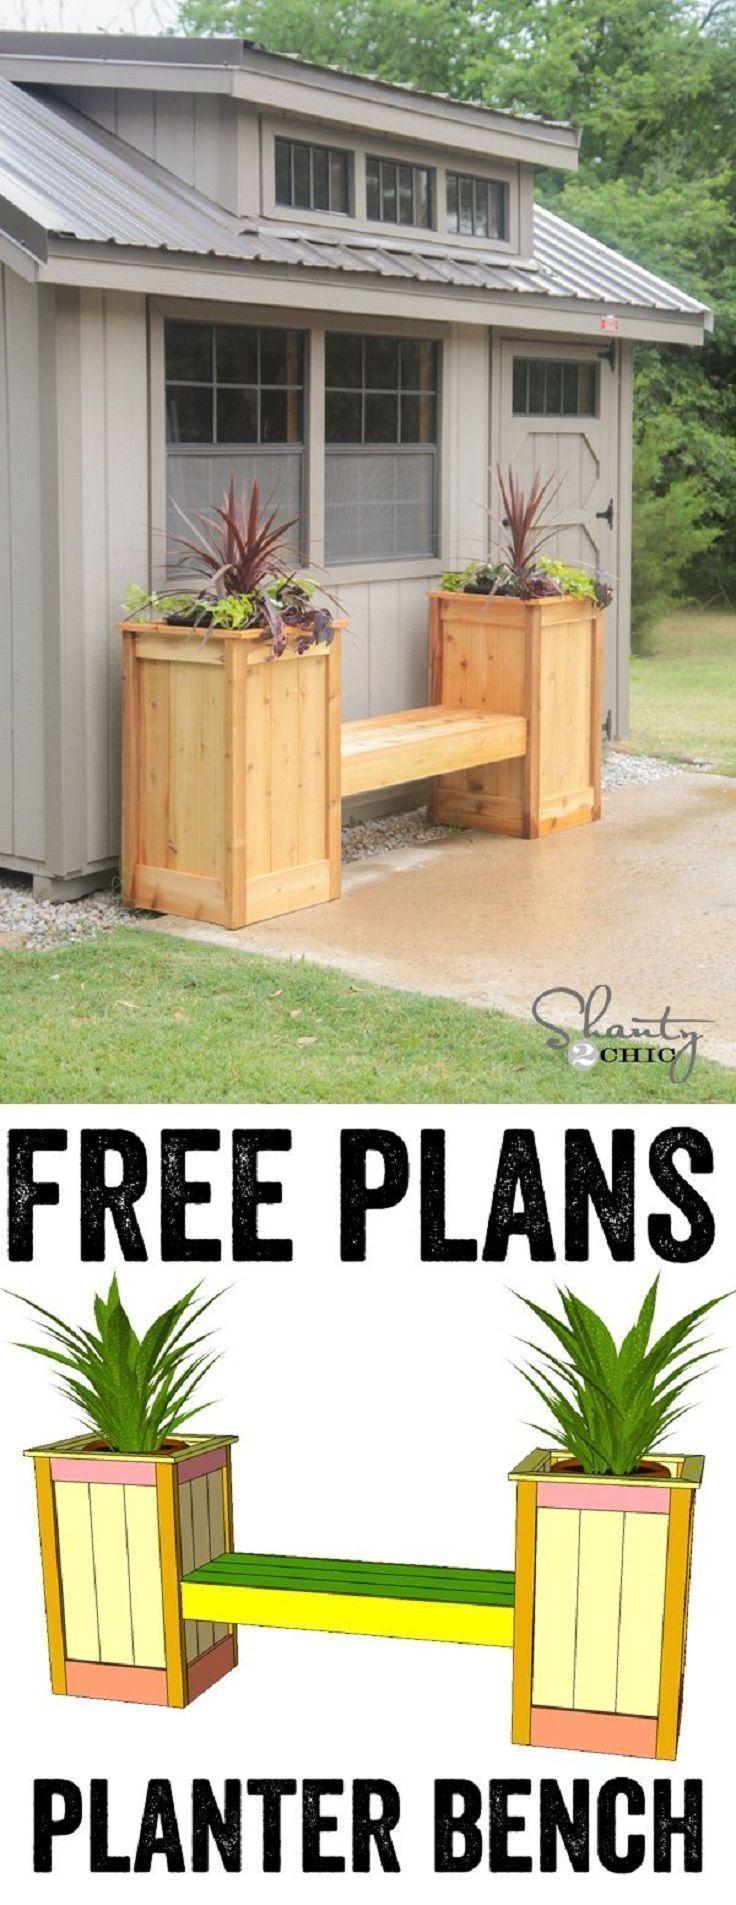 DIY Planter Box Bench 15 praktische DIY-Holzbearbeitungsideen für Ihr Zuhause # wo  #WoodWorking   #woodworkingplans #rusticwoodprojects